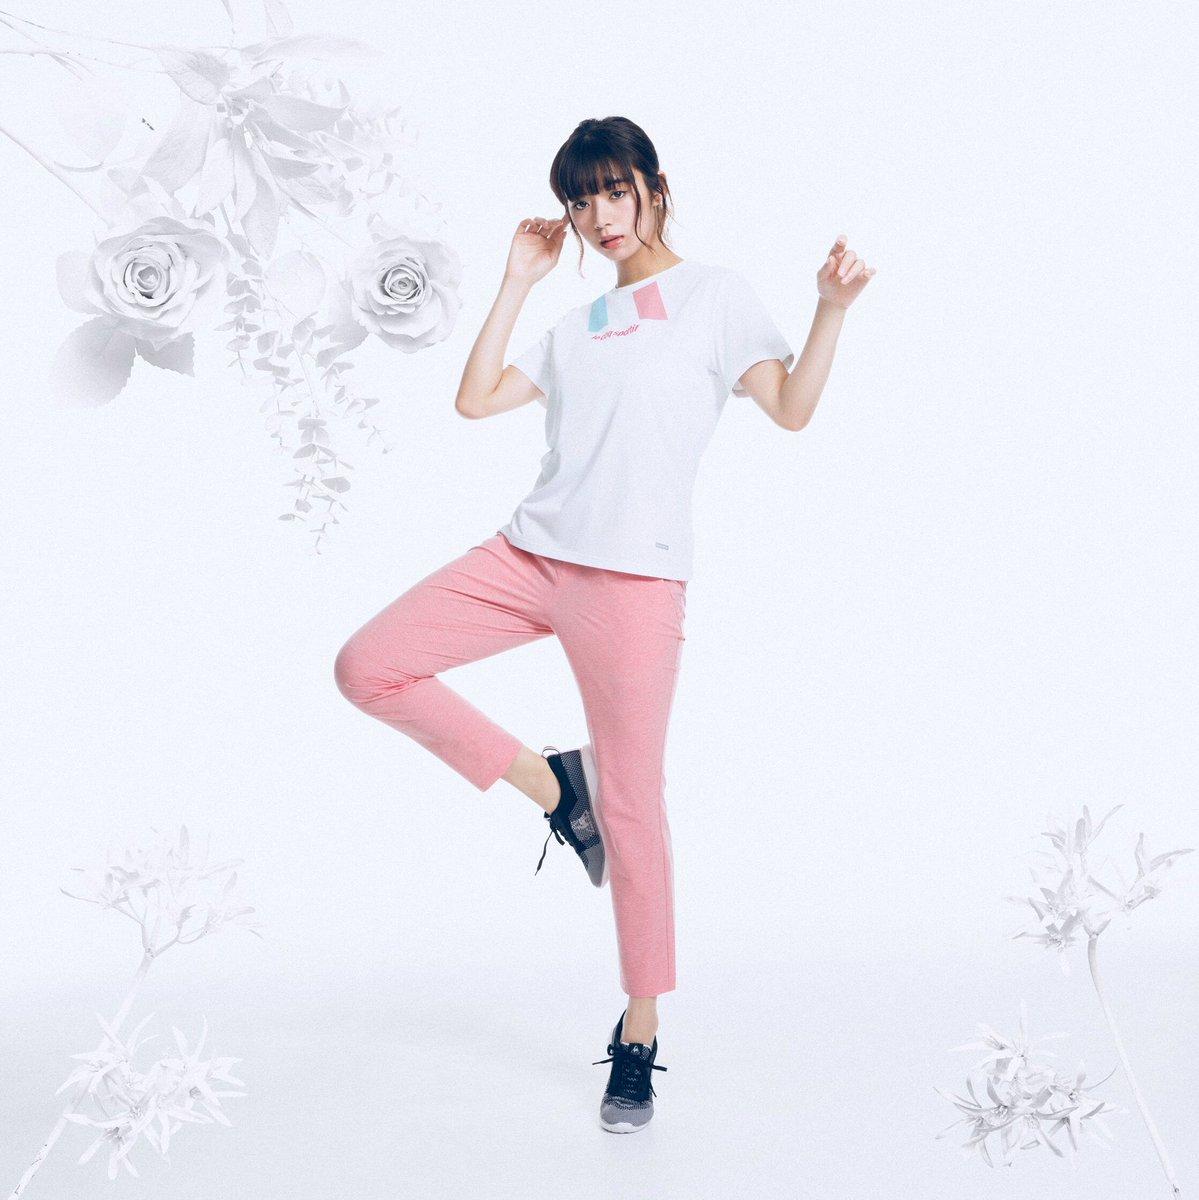 \#エアスタイリッシュパンツ レビューキャンペーン/  シルエットと動きやすさを追求した『Air Stylish Pants』に新色が登場!対象商品のレビューをツイートすると抽選で100名様に新作パンツをプレゼント! 詳しくはこちら   応募期間 2020.2.12wed~3.31tue #lecoqsportif